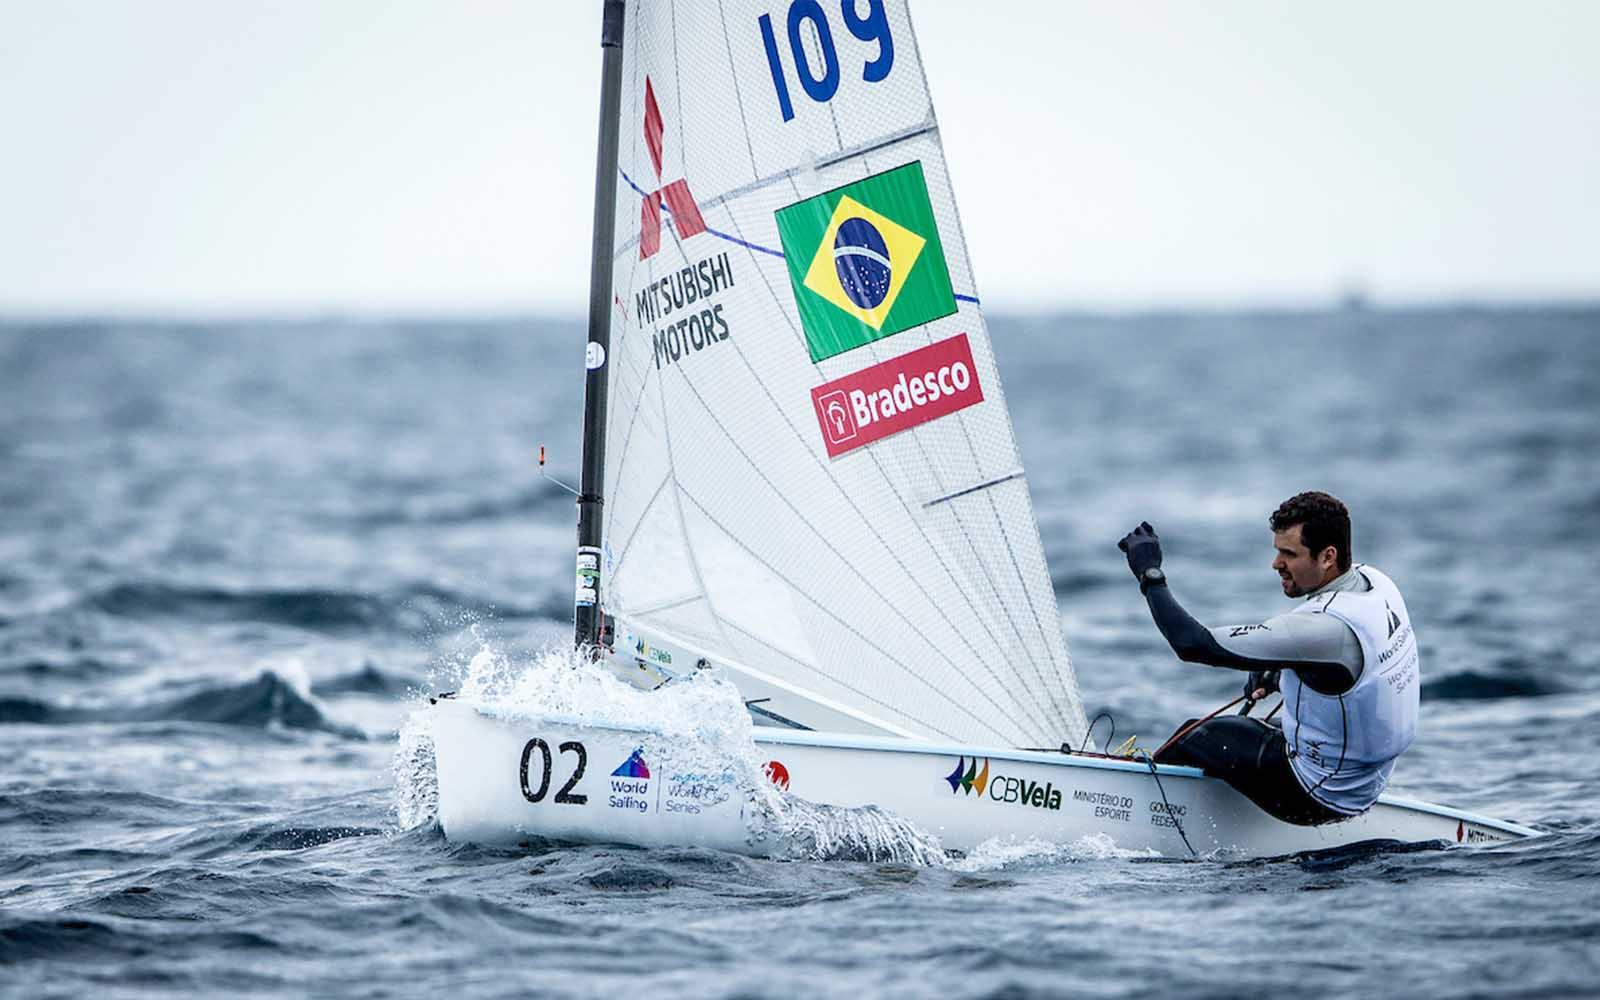 Jorge Zarif no pré-olímpico de Enoshima, onde terminou na quarta posição. Foto: World Sailing